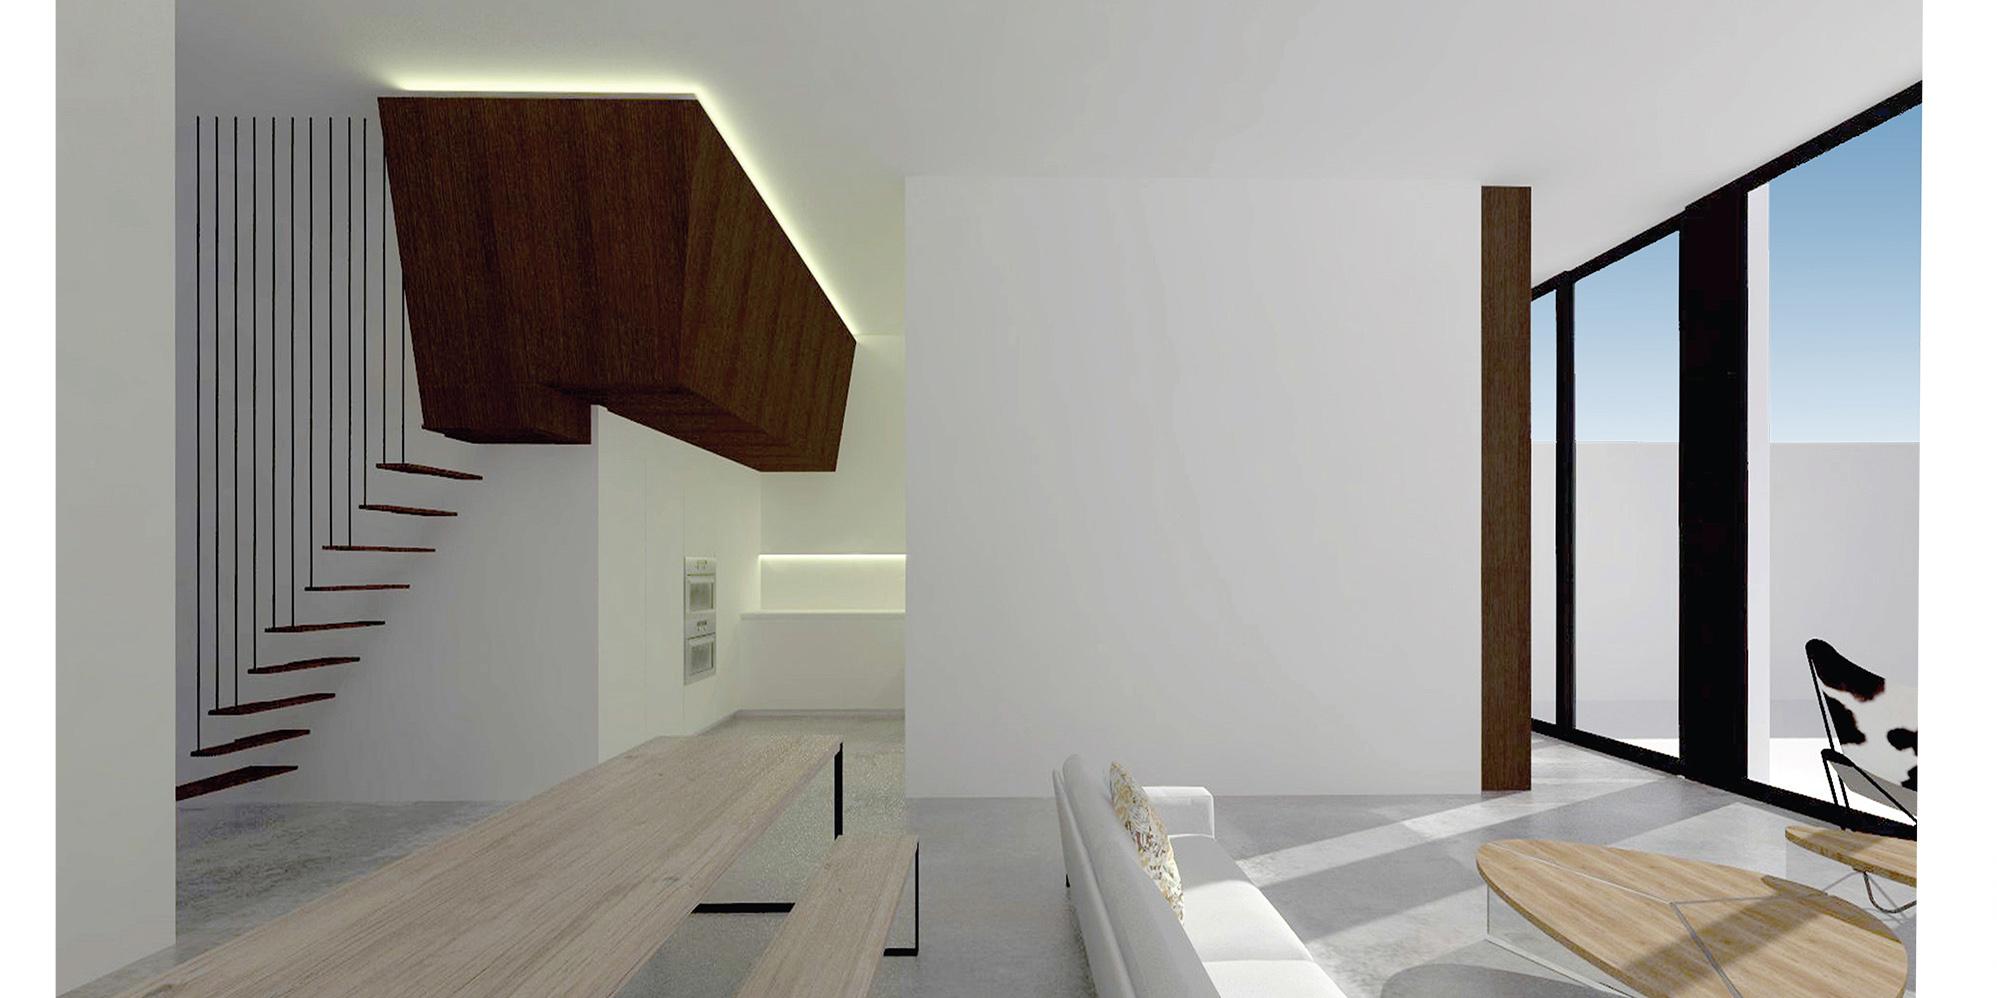 Arquitectura y dise o de interiores en barcelona y sitges - Diseno de interiores barcelona ...